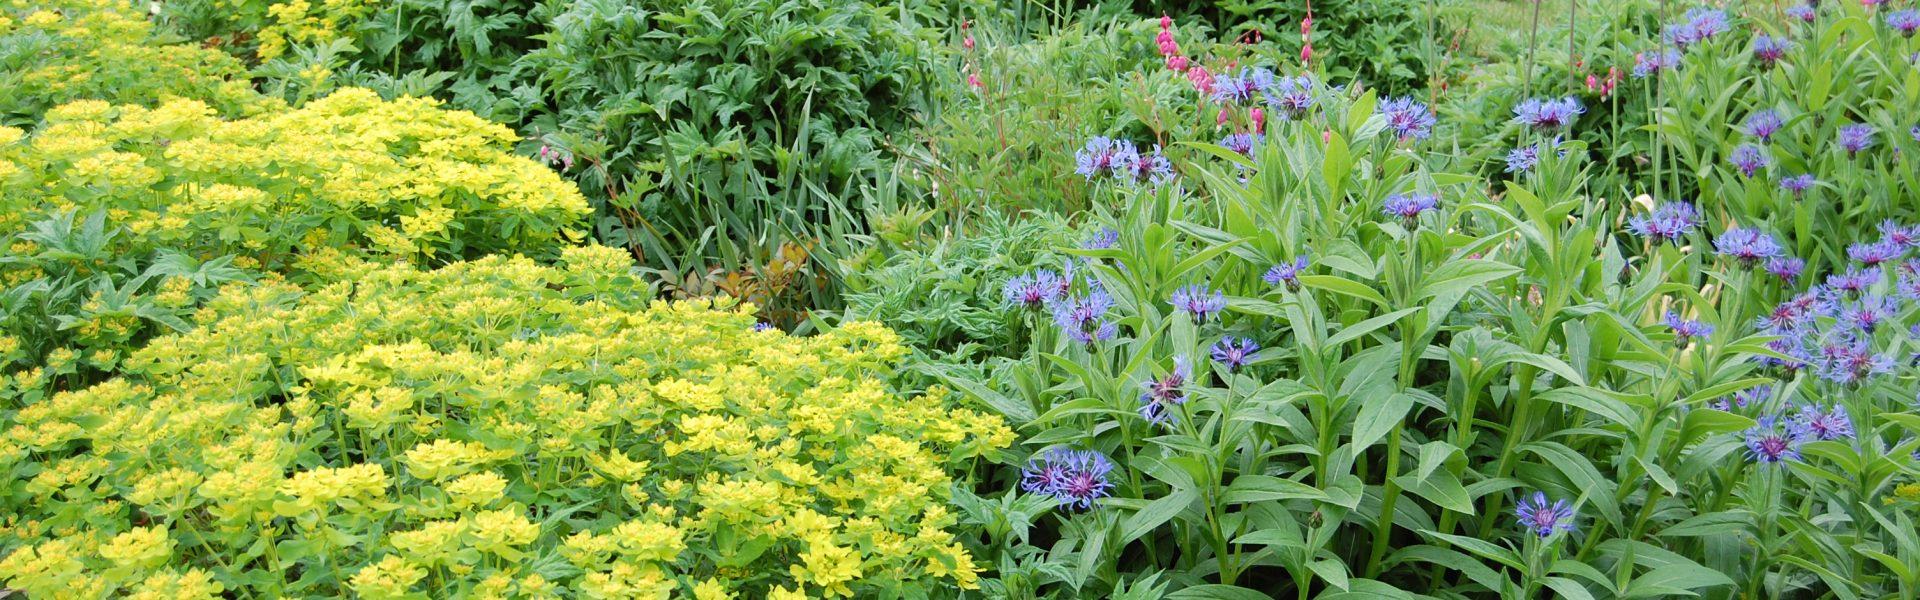 Den evigblomstrende hagen, bruk stauder for skjønne blomster og lang blomstring